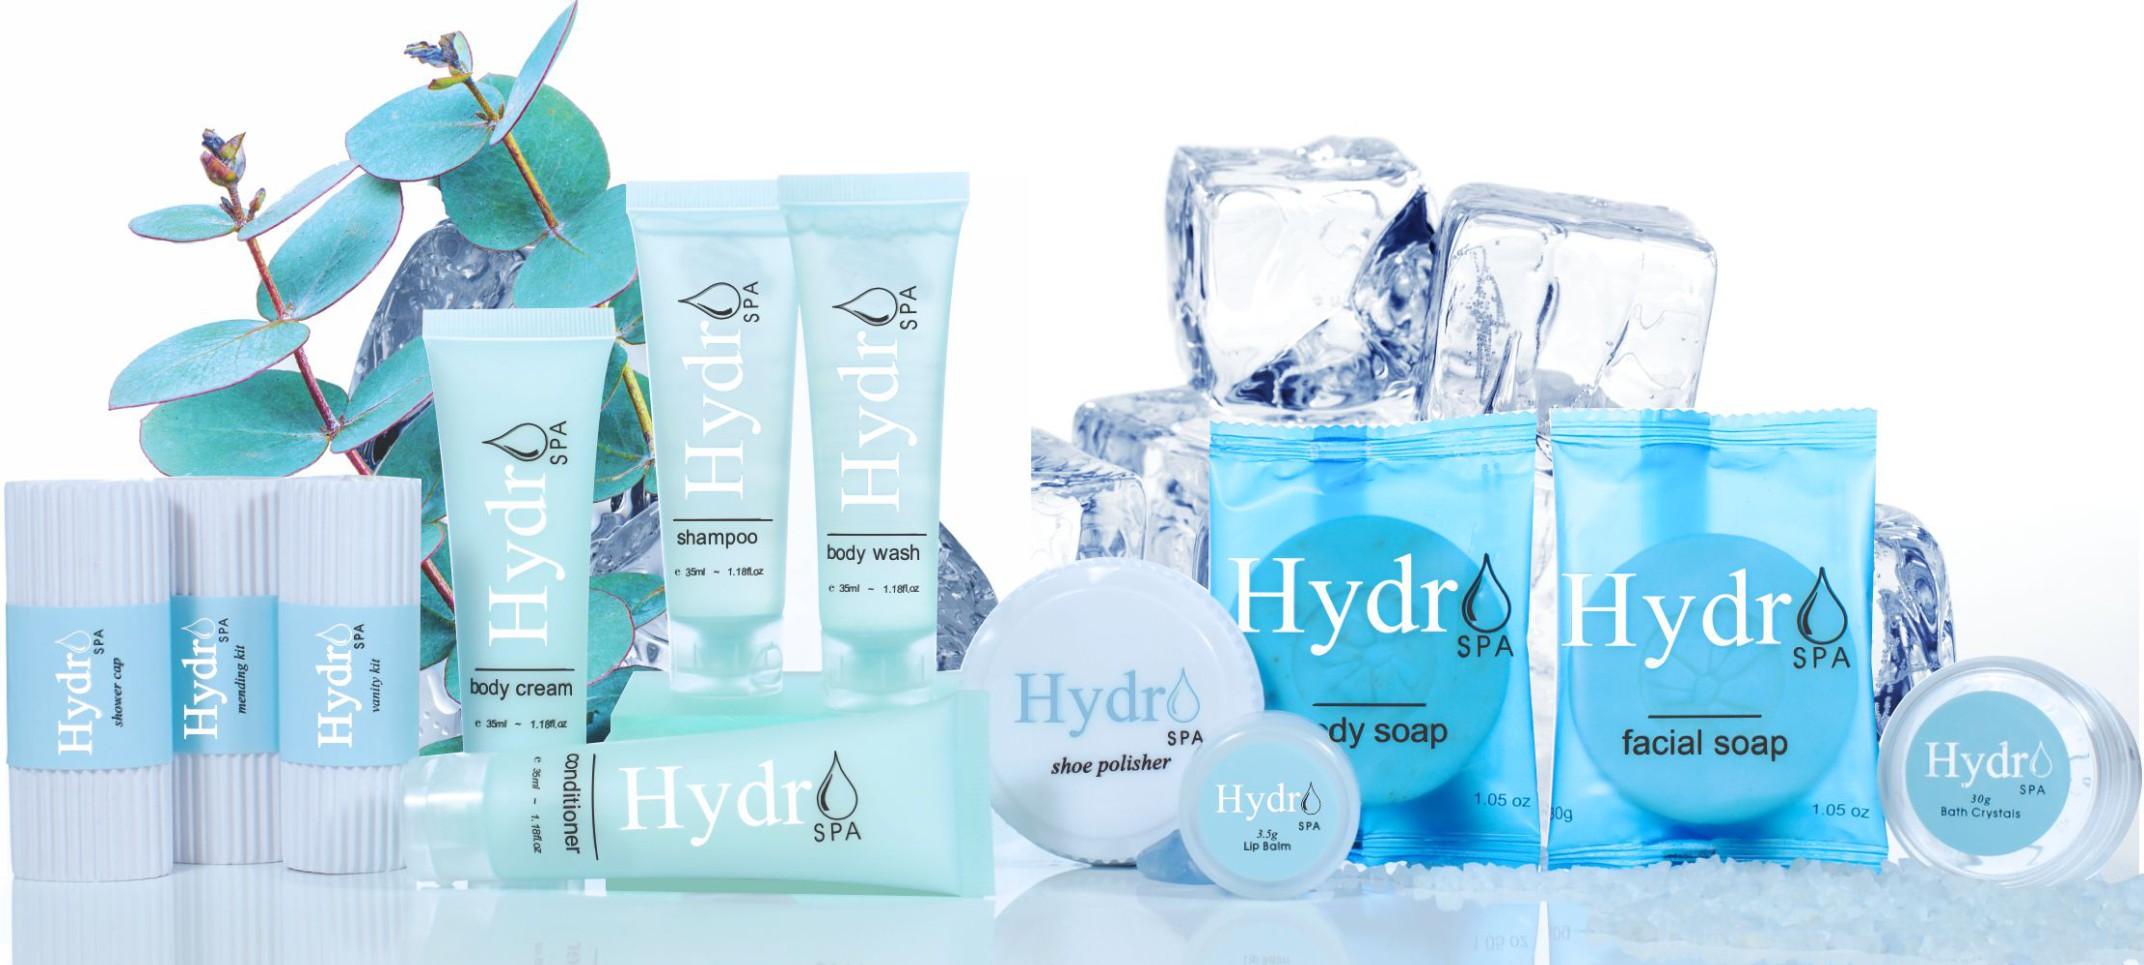 Hydro Spa